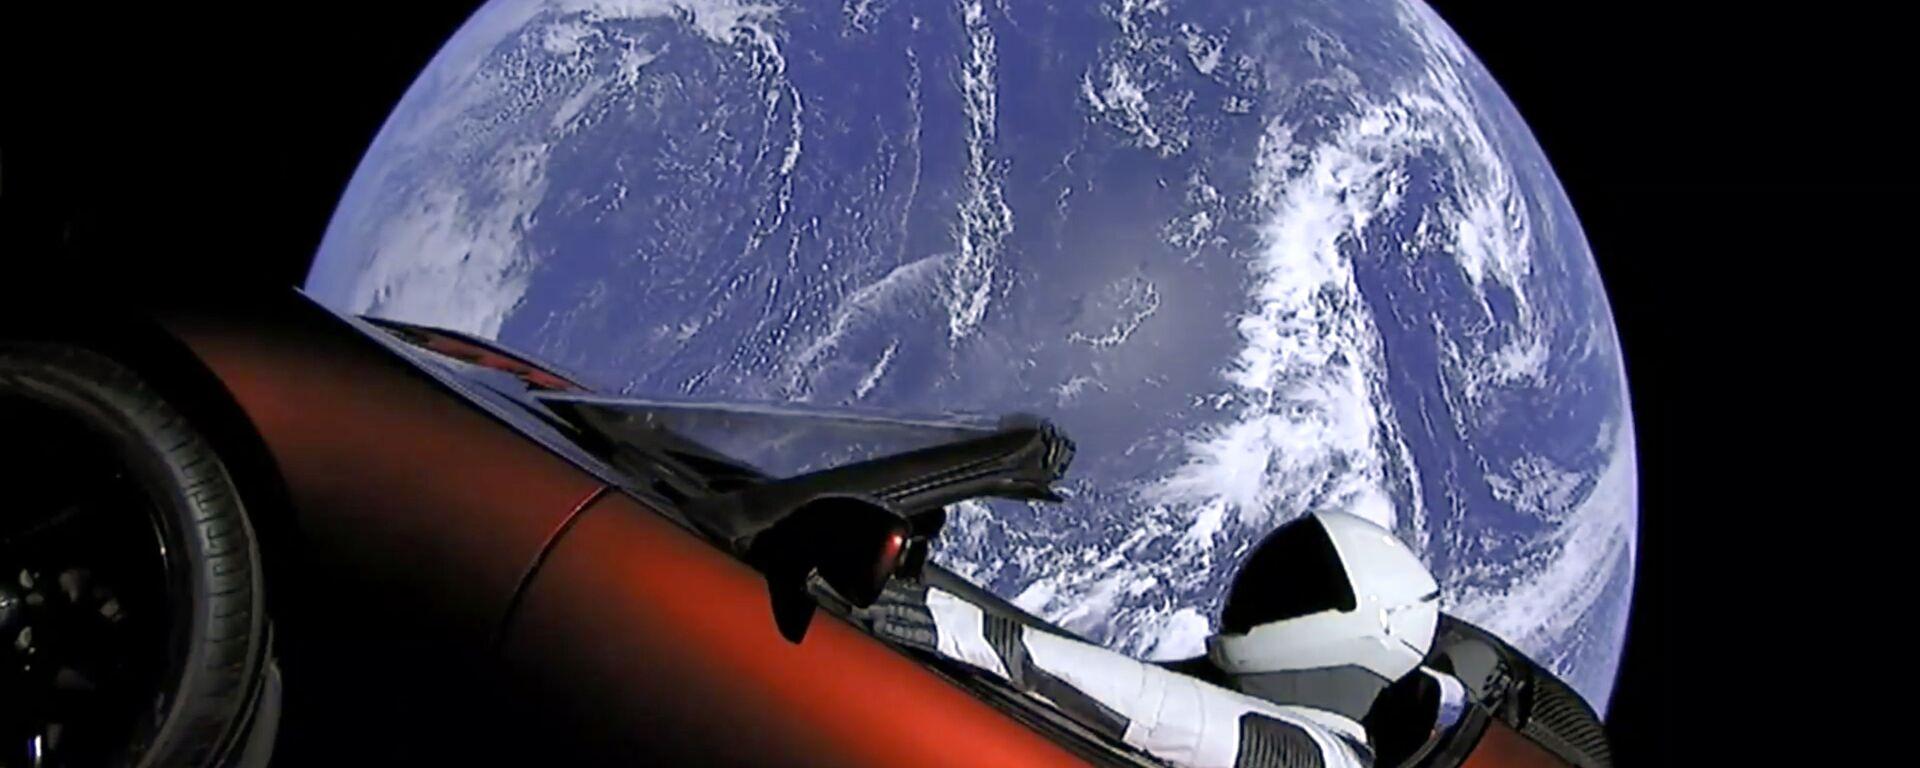 Il lancio della Tesla a bordo di una navicella SpaceX - Sputnik Italia, 1920, 17.01.2020